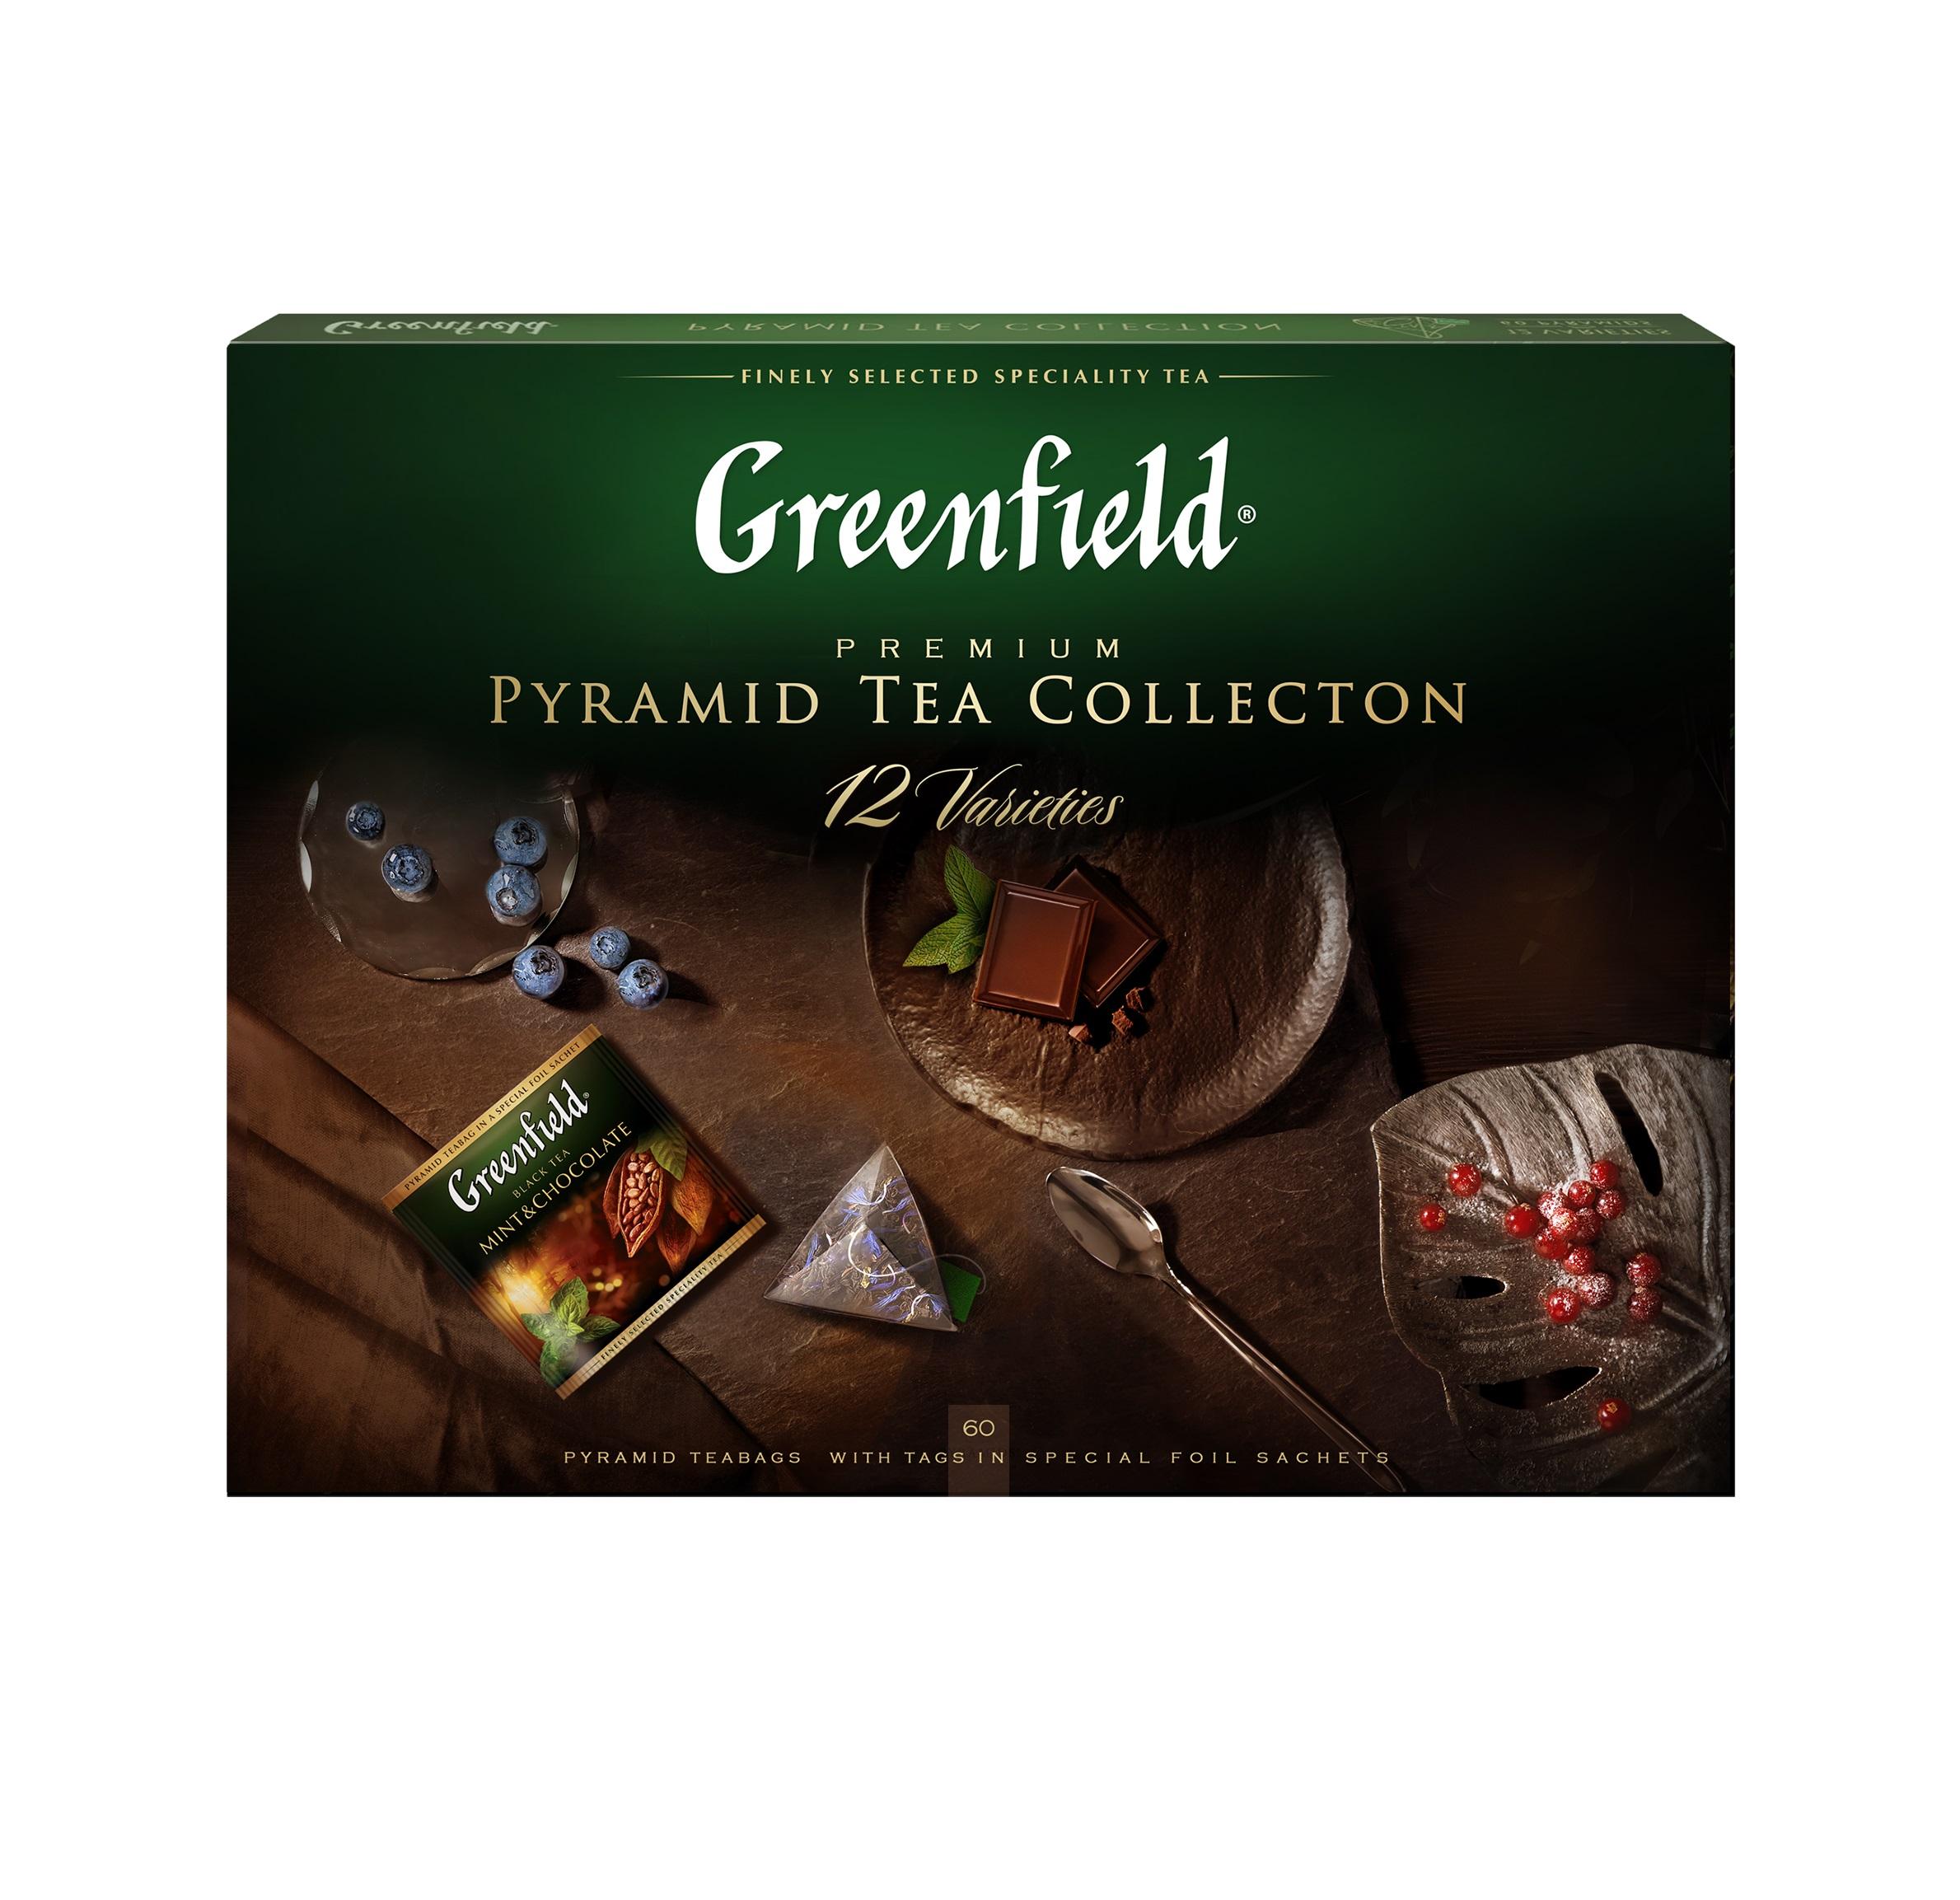 Подарочный набор Greenfield в пирамидках ассорти 12 видов 60 пакетиков фото